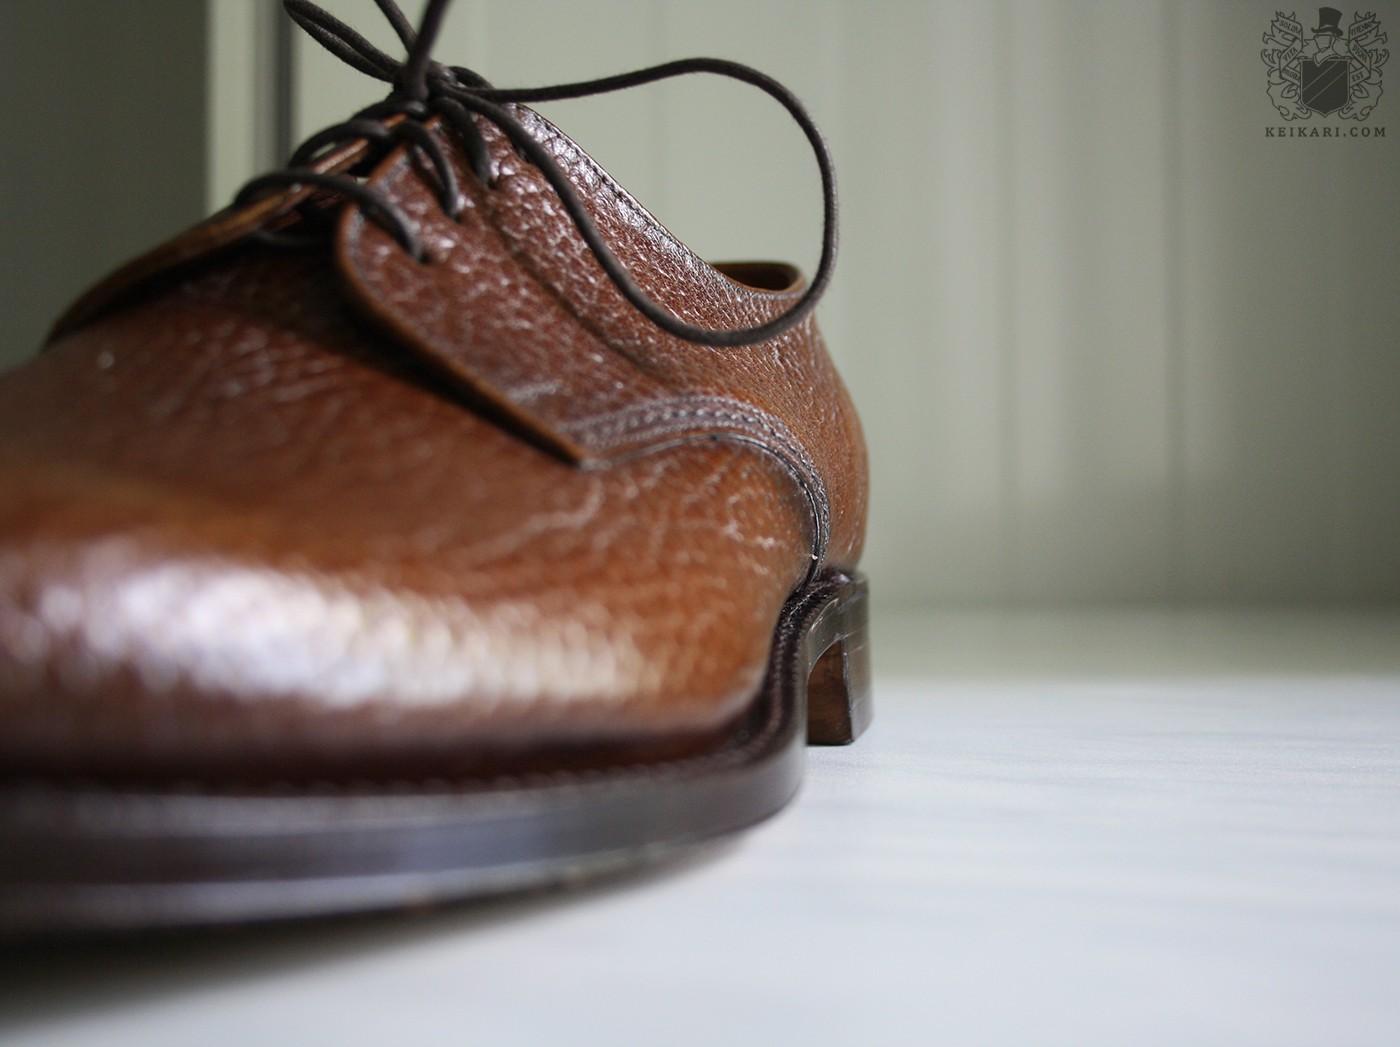 Vintage_Saxone_camel_skin_shoes_at_Keikari_dot_com12.jpg